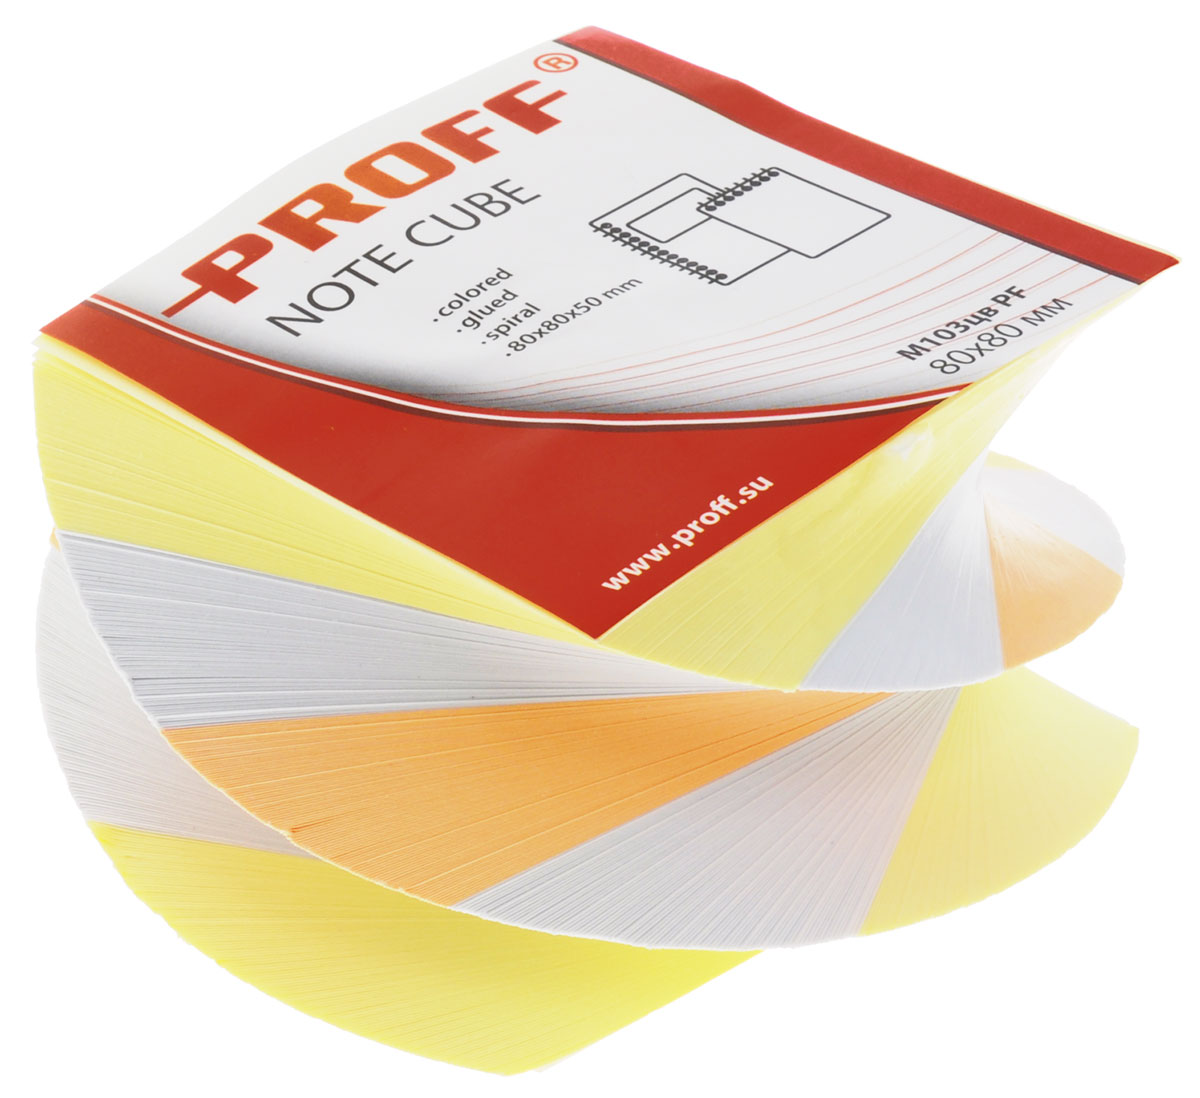 Proff Блок для записей цвет оранжевый желтый белыйI-SETПроклеенный блок для записей Proff - практичное решение для оперативной записи информации в офисе или дома.Блок состоит из листов разноцветной бумаги, что помогает лучше ориентироваться во множестве повседневных заметок.Яркий блок-кубик на рабочем столе поднимет настроение вам и вашим коллегам!